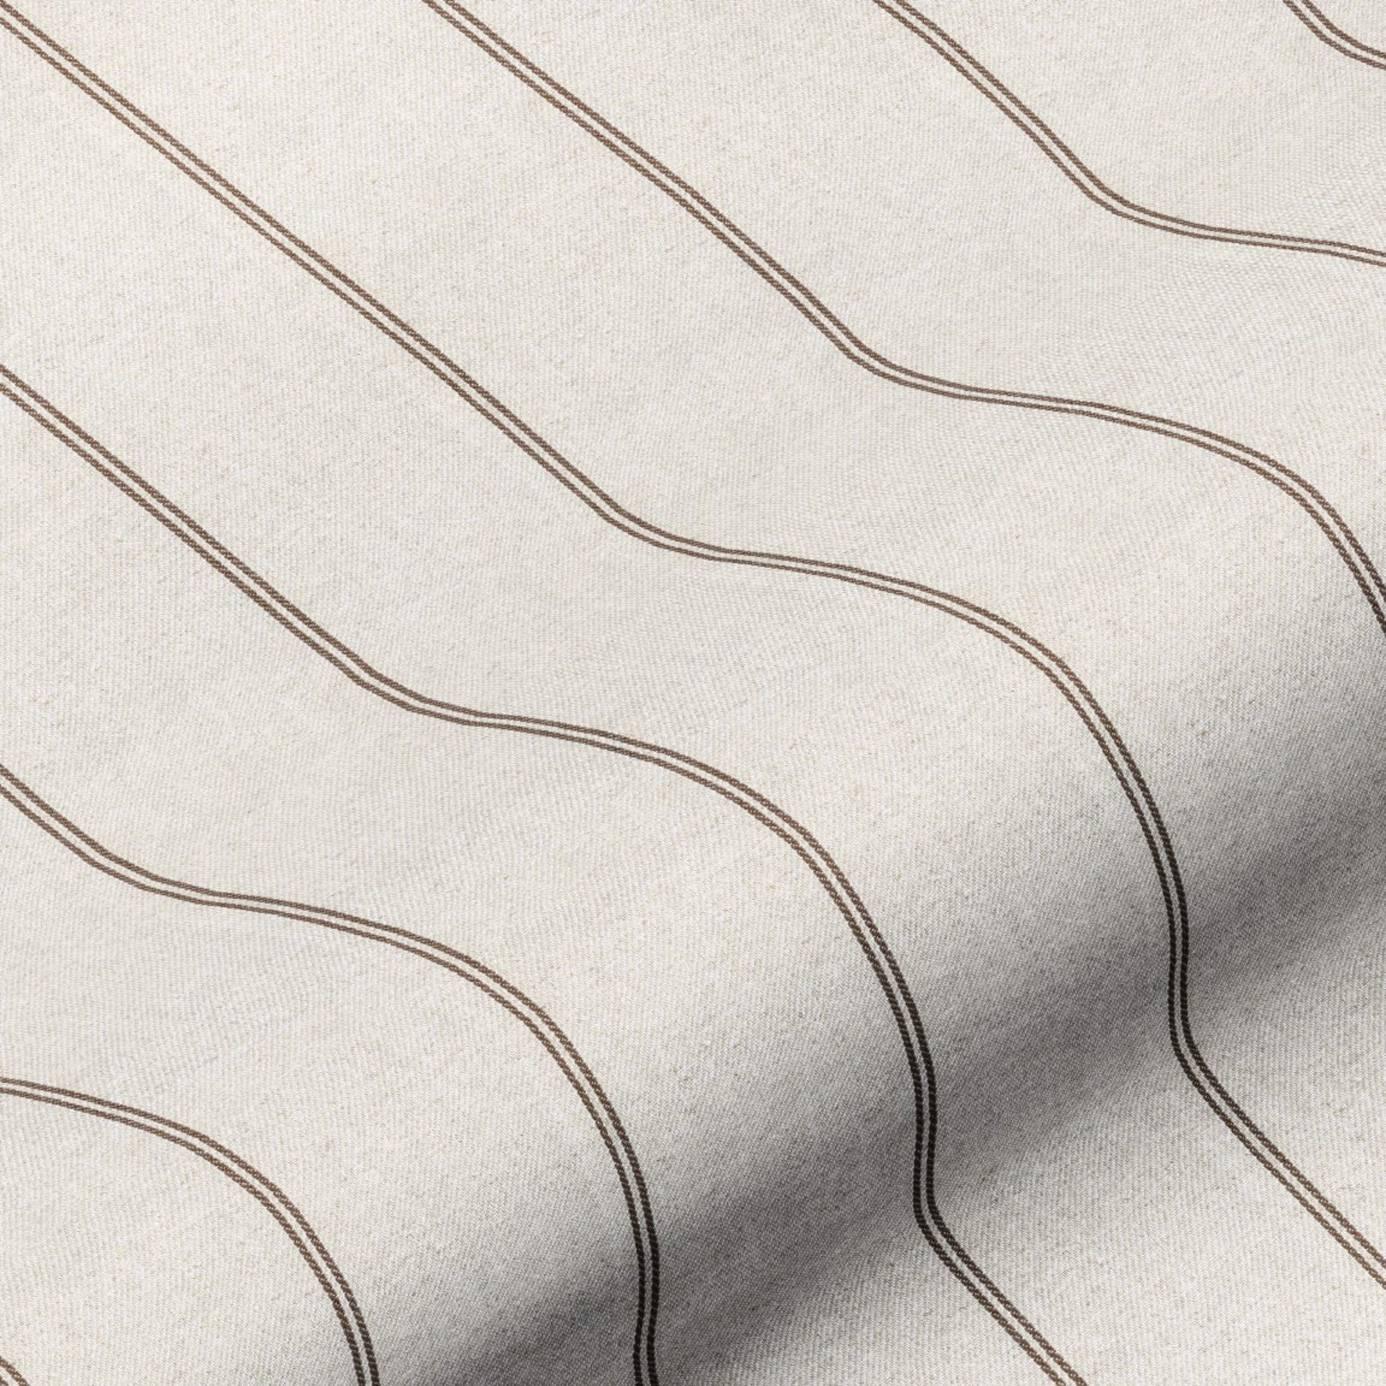 Galway Stripe Fabric - Mocha (GALWAYSTRIPEMOCHA) - Art of the Loom ...